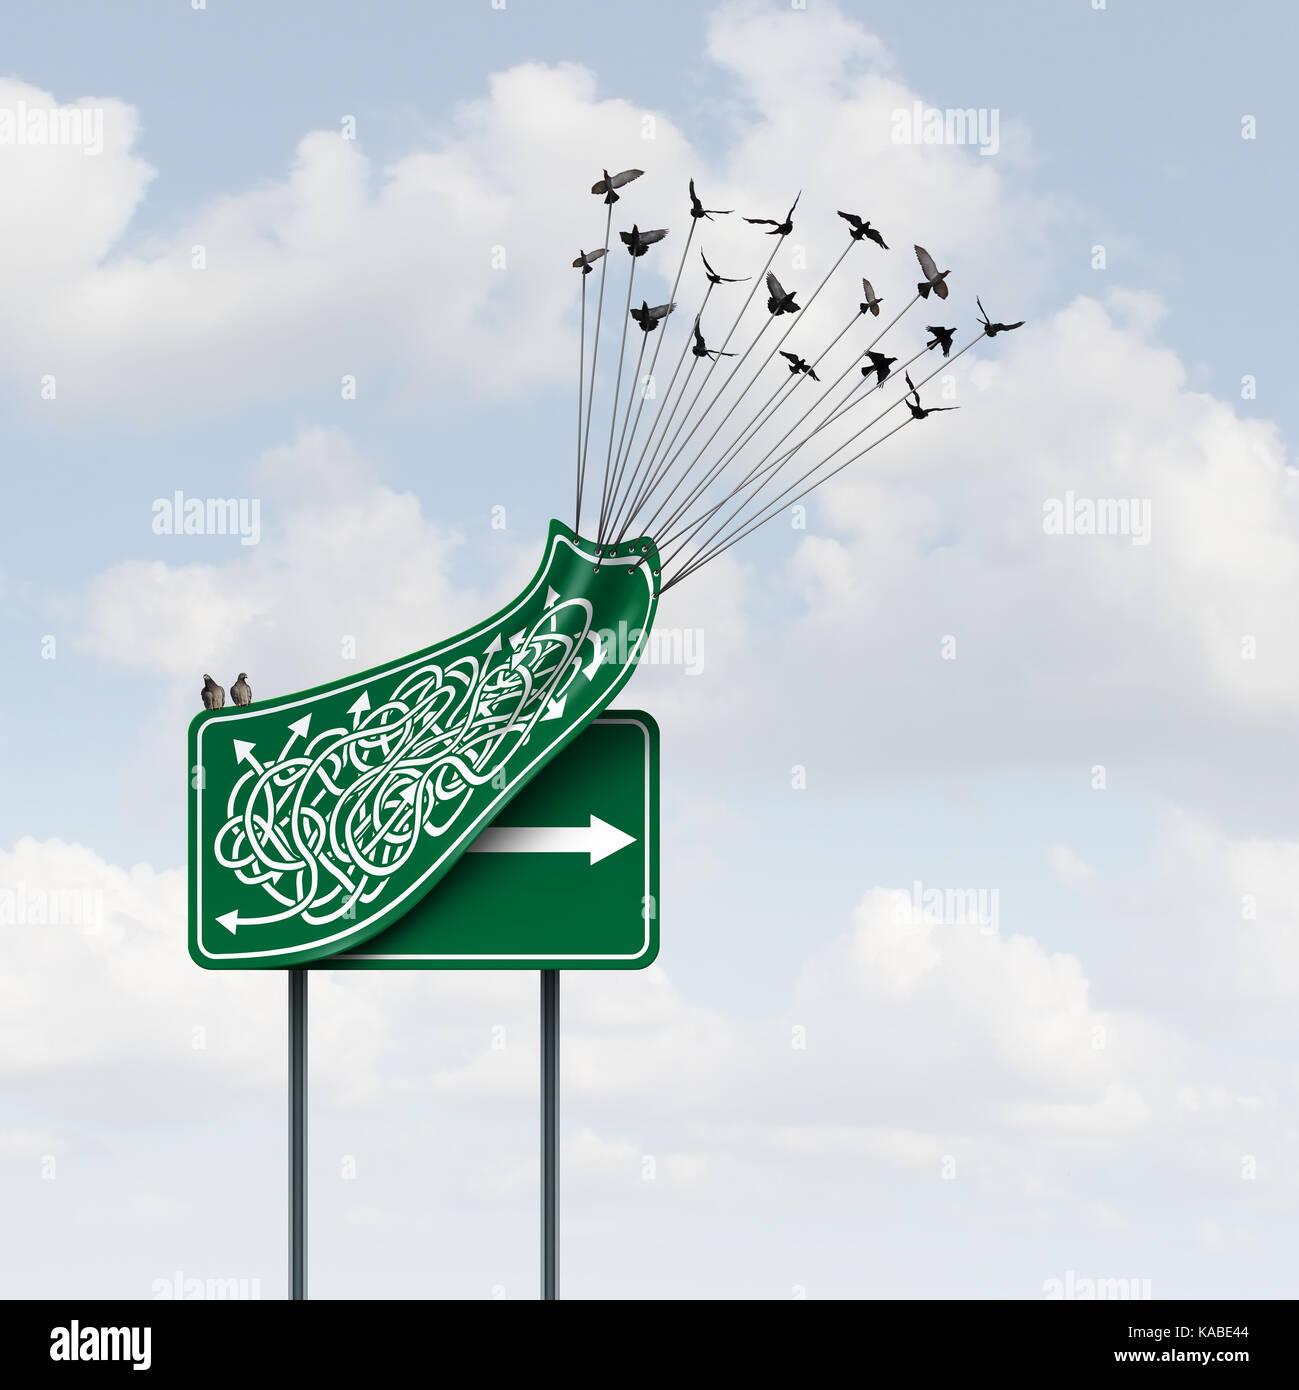 Concepto de forma empresarial como un grupo de aves levantando un signo dirección confusa, revelando una clara Imagen De Stock